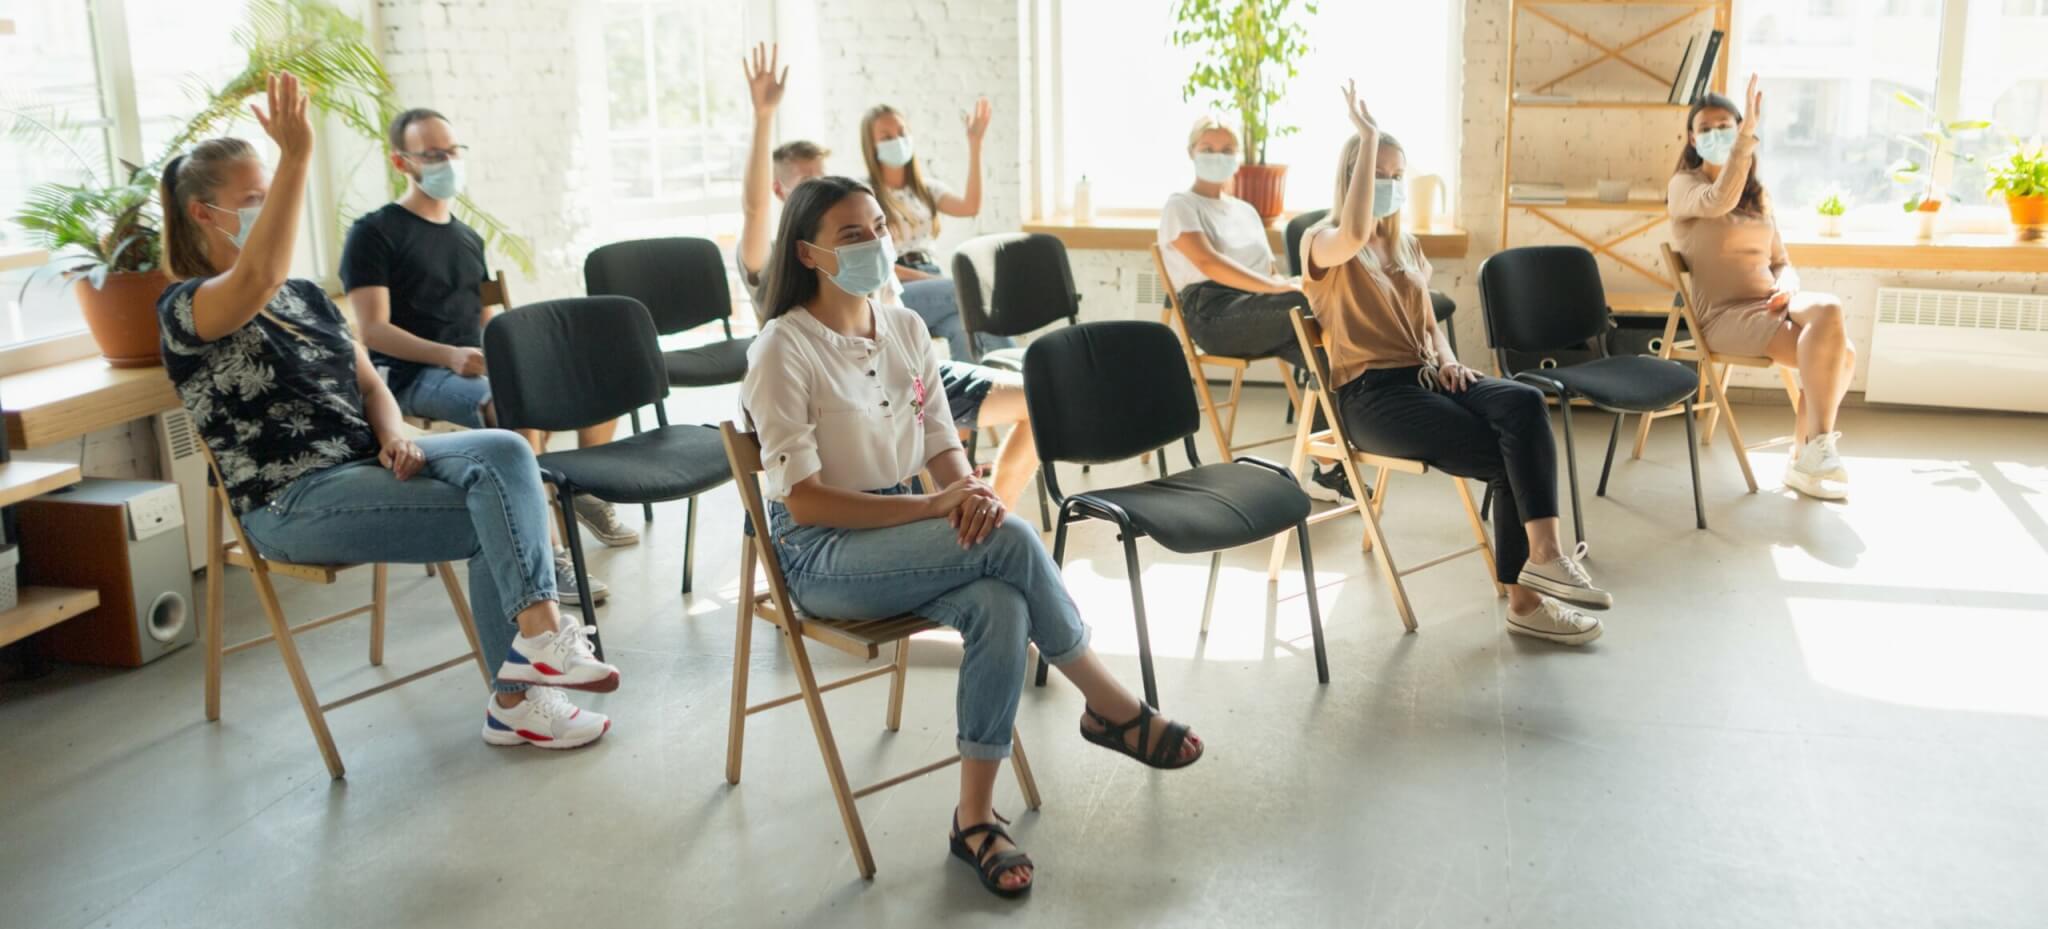 Schulung, Seminarteilnehmer mit Masken